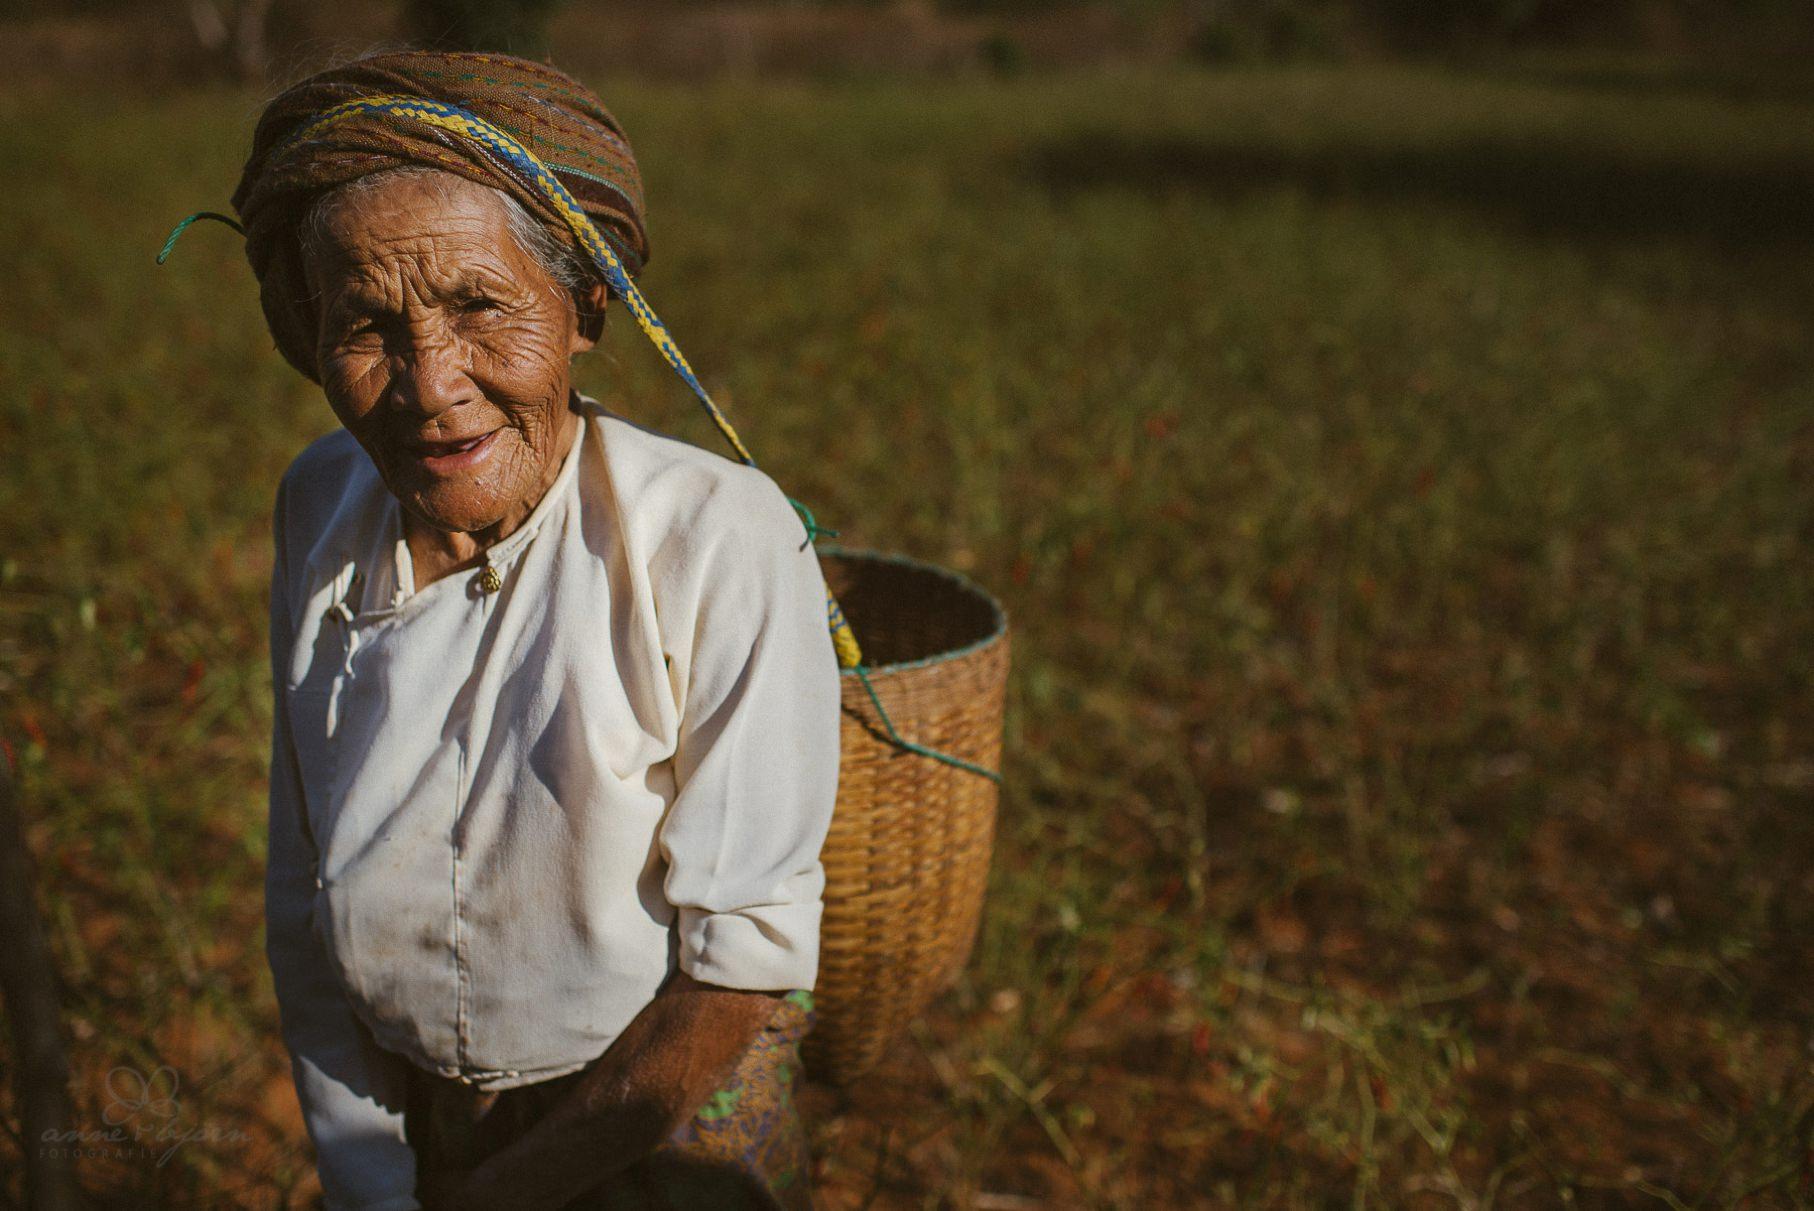 0039 inle lake trekking d76 5867 - Trekking von Kalaw zum Inle-See - Myanmar / Burma